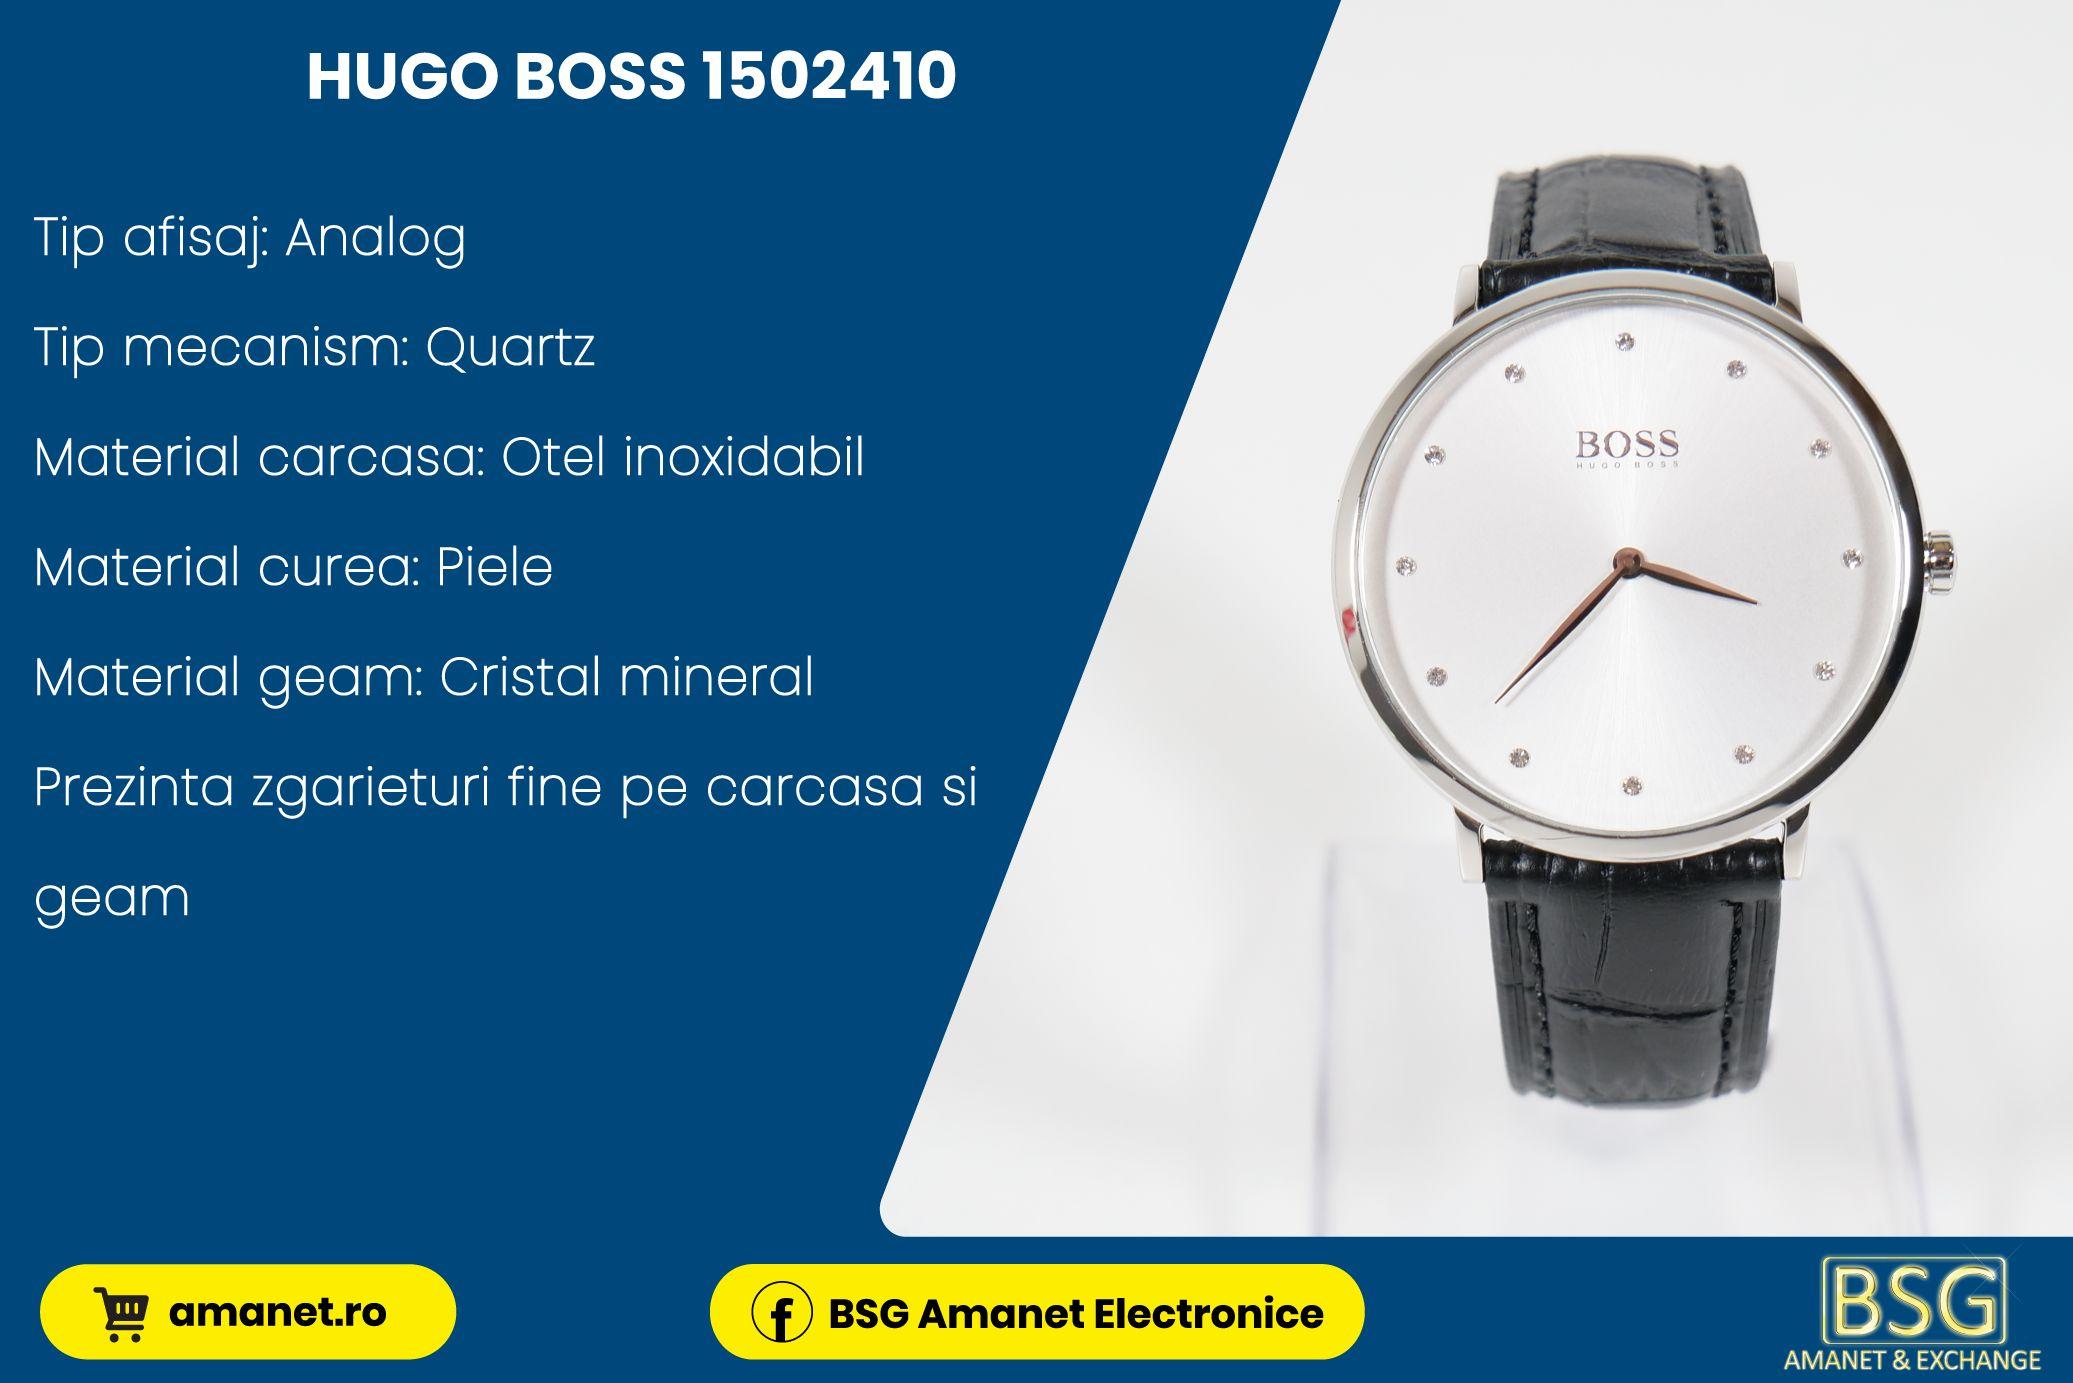 Ceas Hugo boss 1502410 - BSG Amanet & Exchange